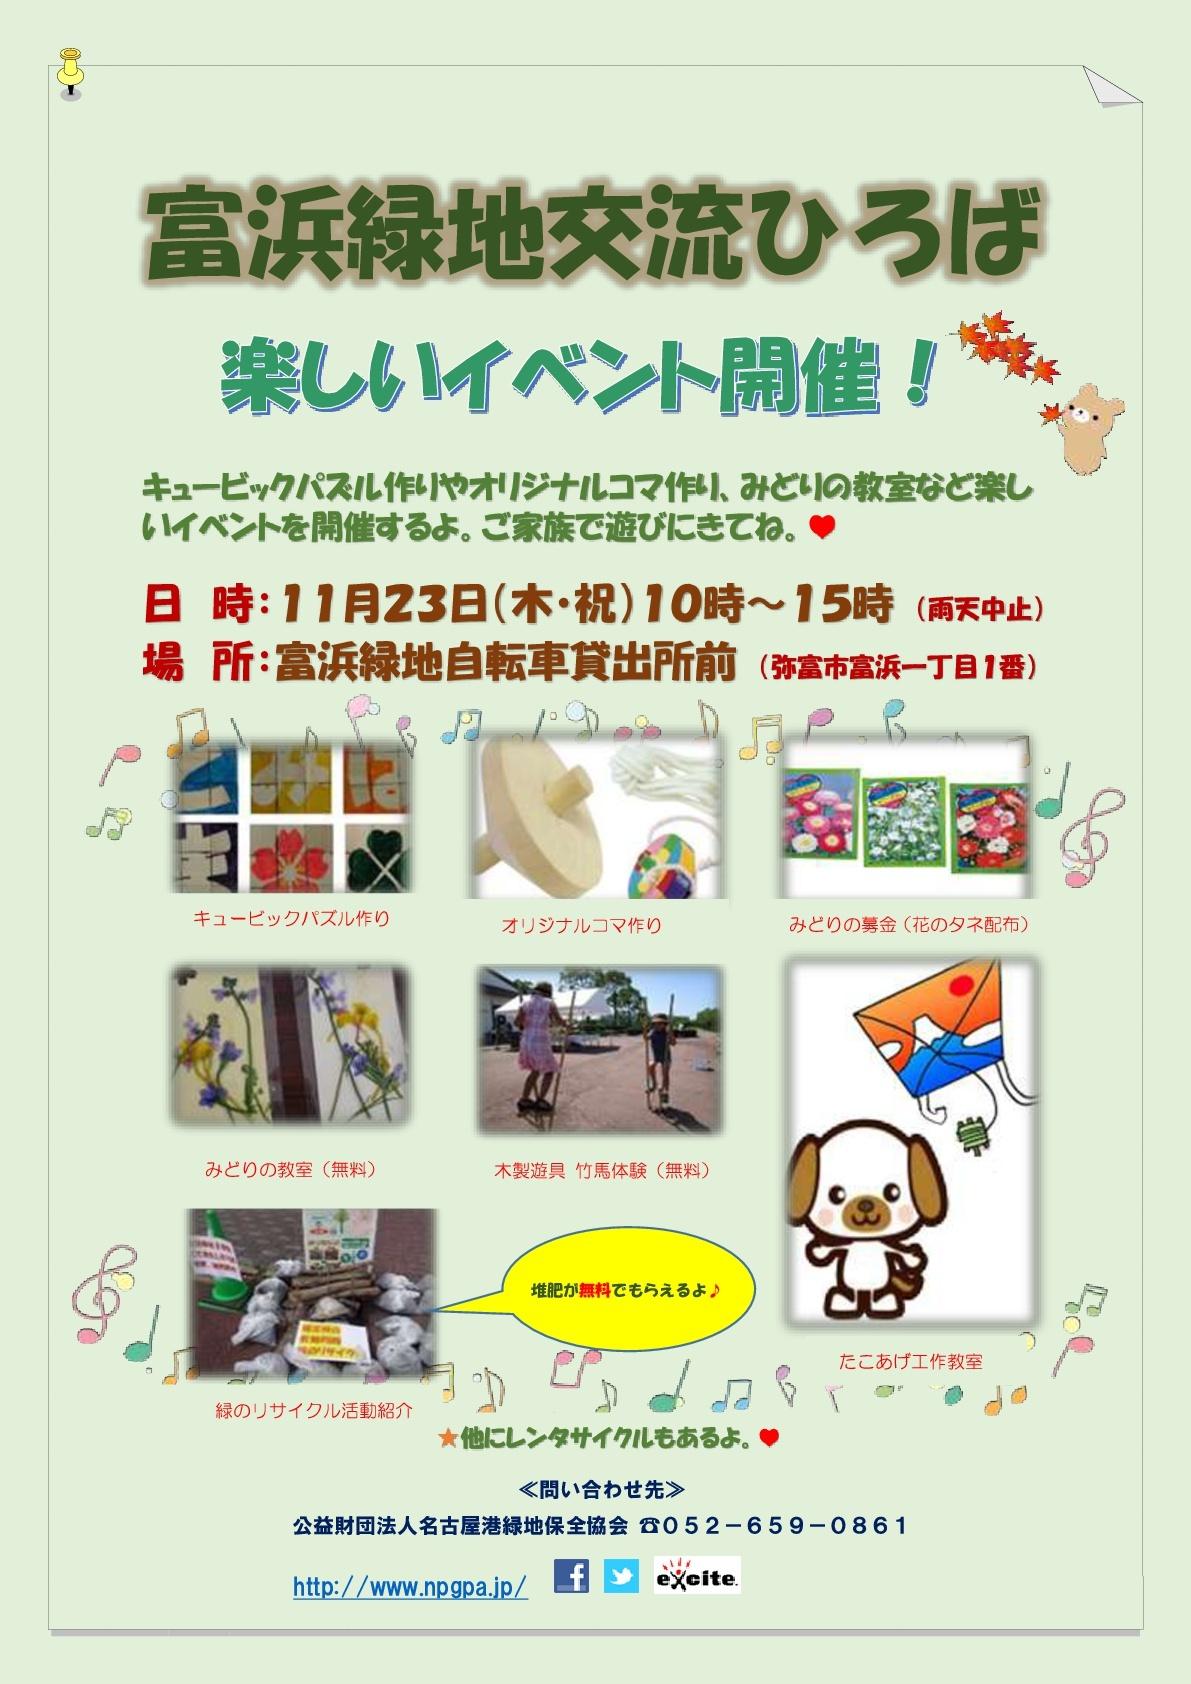 富浜緑地にて、イベント交流ひろばを開催します!_d0338682_08403518.jpg